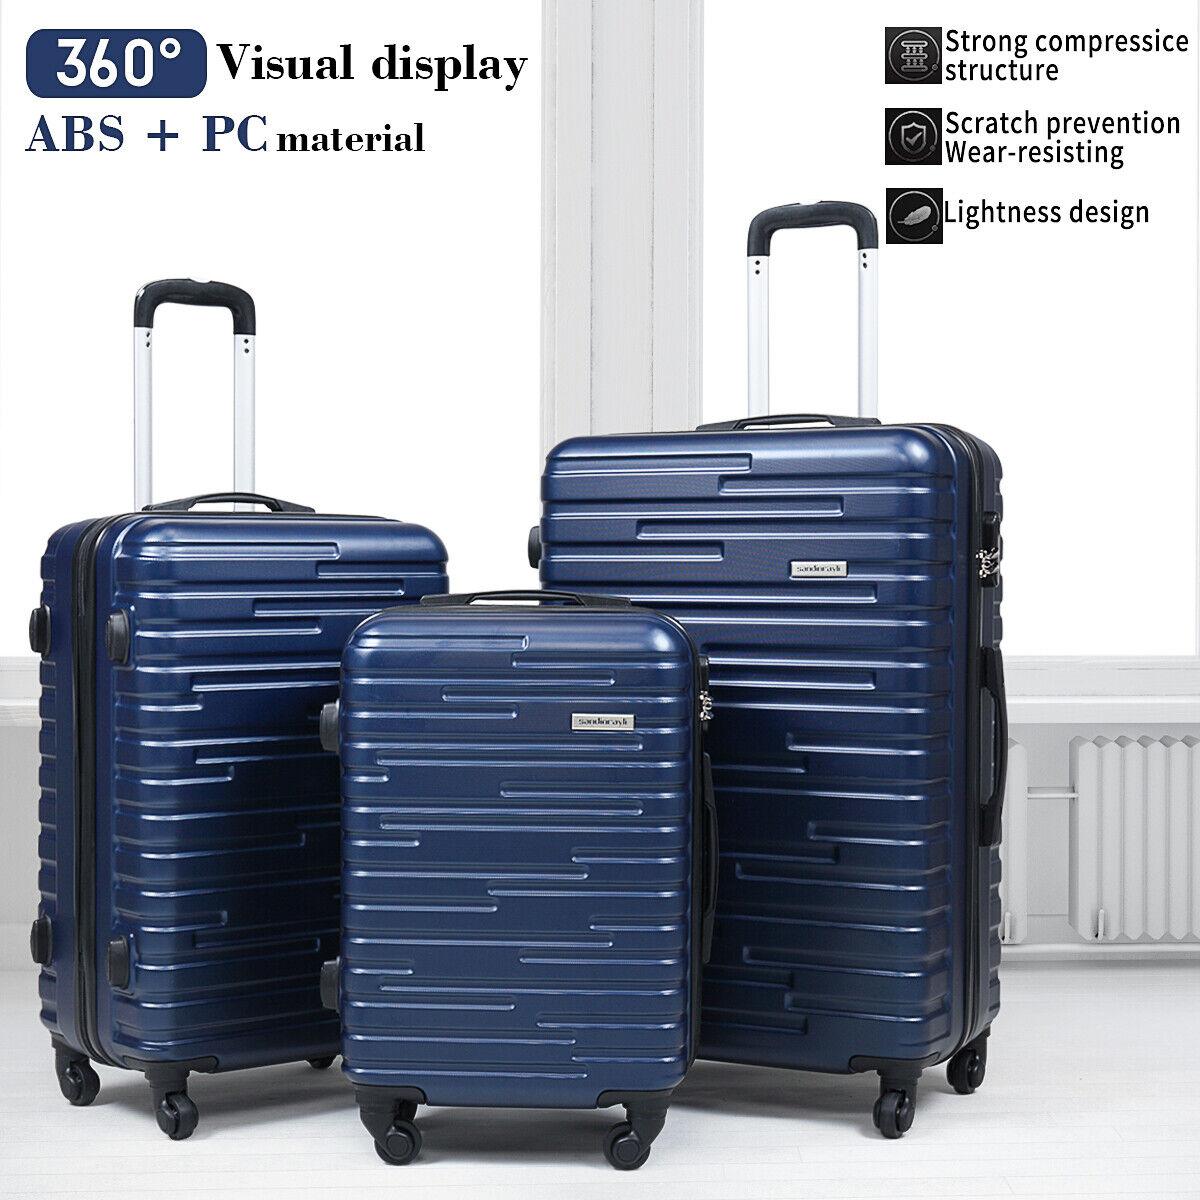 3 piece luggage set travel suitcase blue